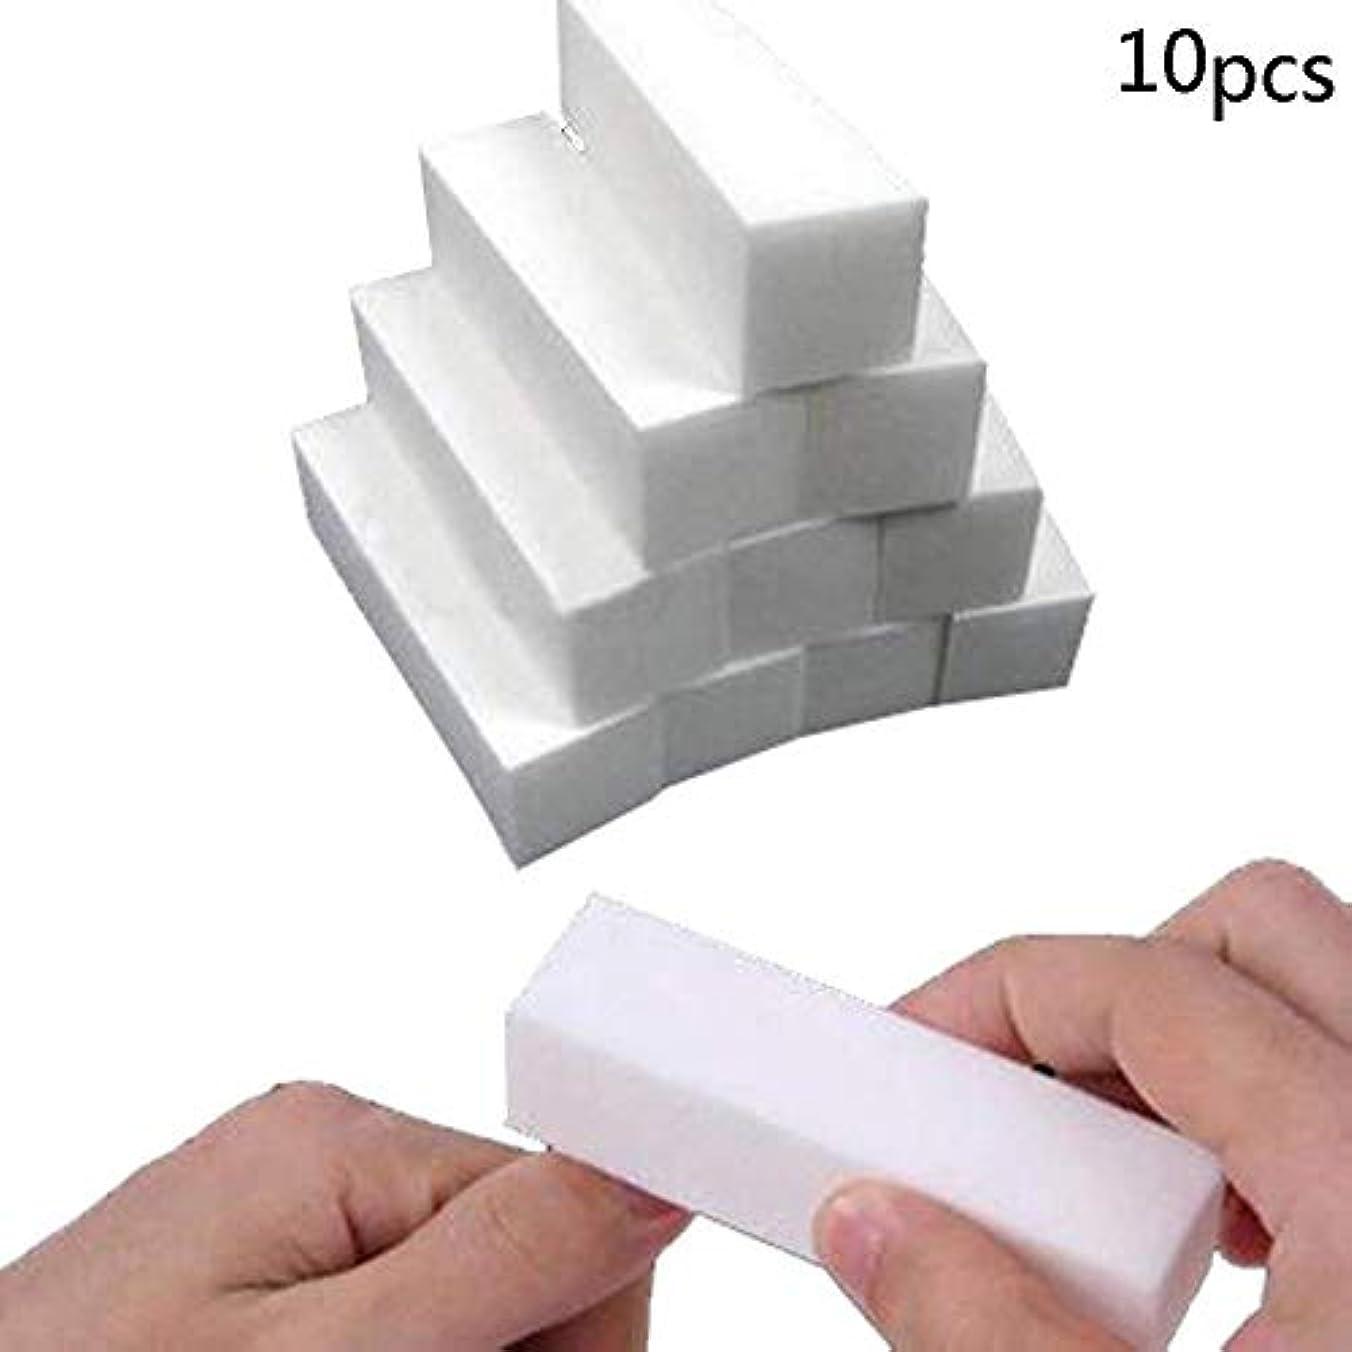 Amyou ネイルファイルプロフェッショナルネイルケアブロックホワイトポリッシャーサンディングブロックスポンジリントネイルアートヒントツール10個